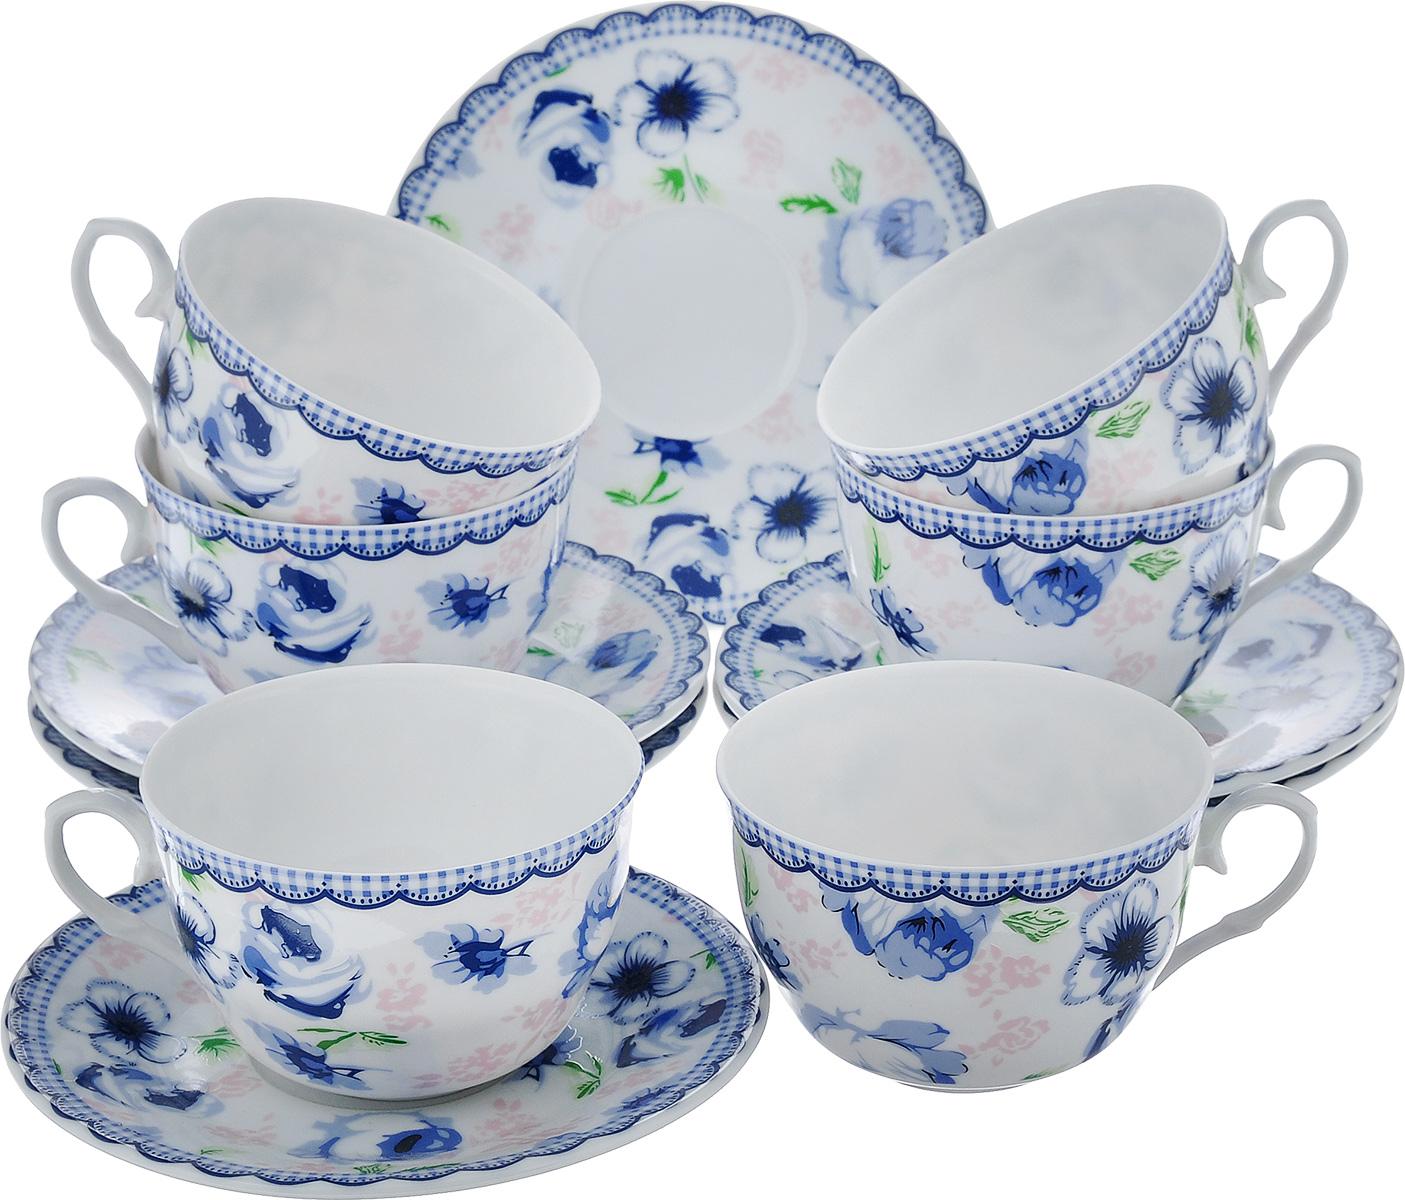 Чайный набор LarangE Кантри, цвет: белый, синий, 12 предметов586-319Чайный набор LarangE Кантри состоит из шести чашек и шести блюдец, изготовленных из фарфора. Предметы набора оформлены изящным ярким рисунком. Чайный набор LarangE Кантри украсит ваш кухонный стол, а также станет замечательным подарком друзьям и близким. Объем чашки: 250 мл. Диаметр чашки по верхнему краю: 9 см. Высота чашки: 6 см. Диаметр блюдца: 14,5 см.